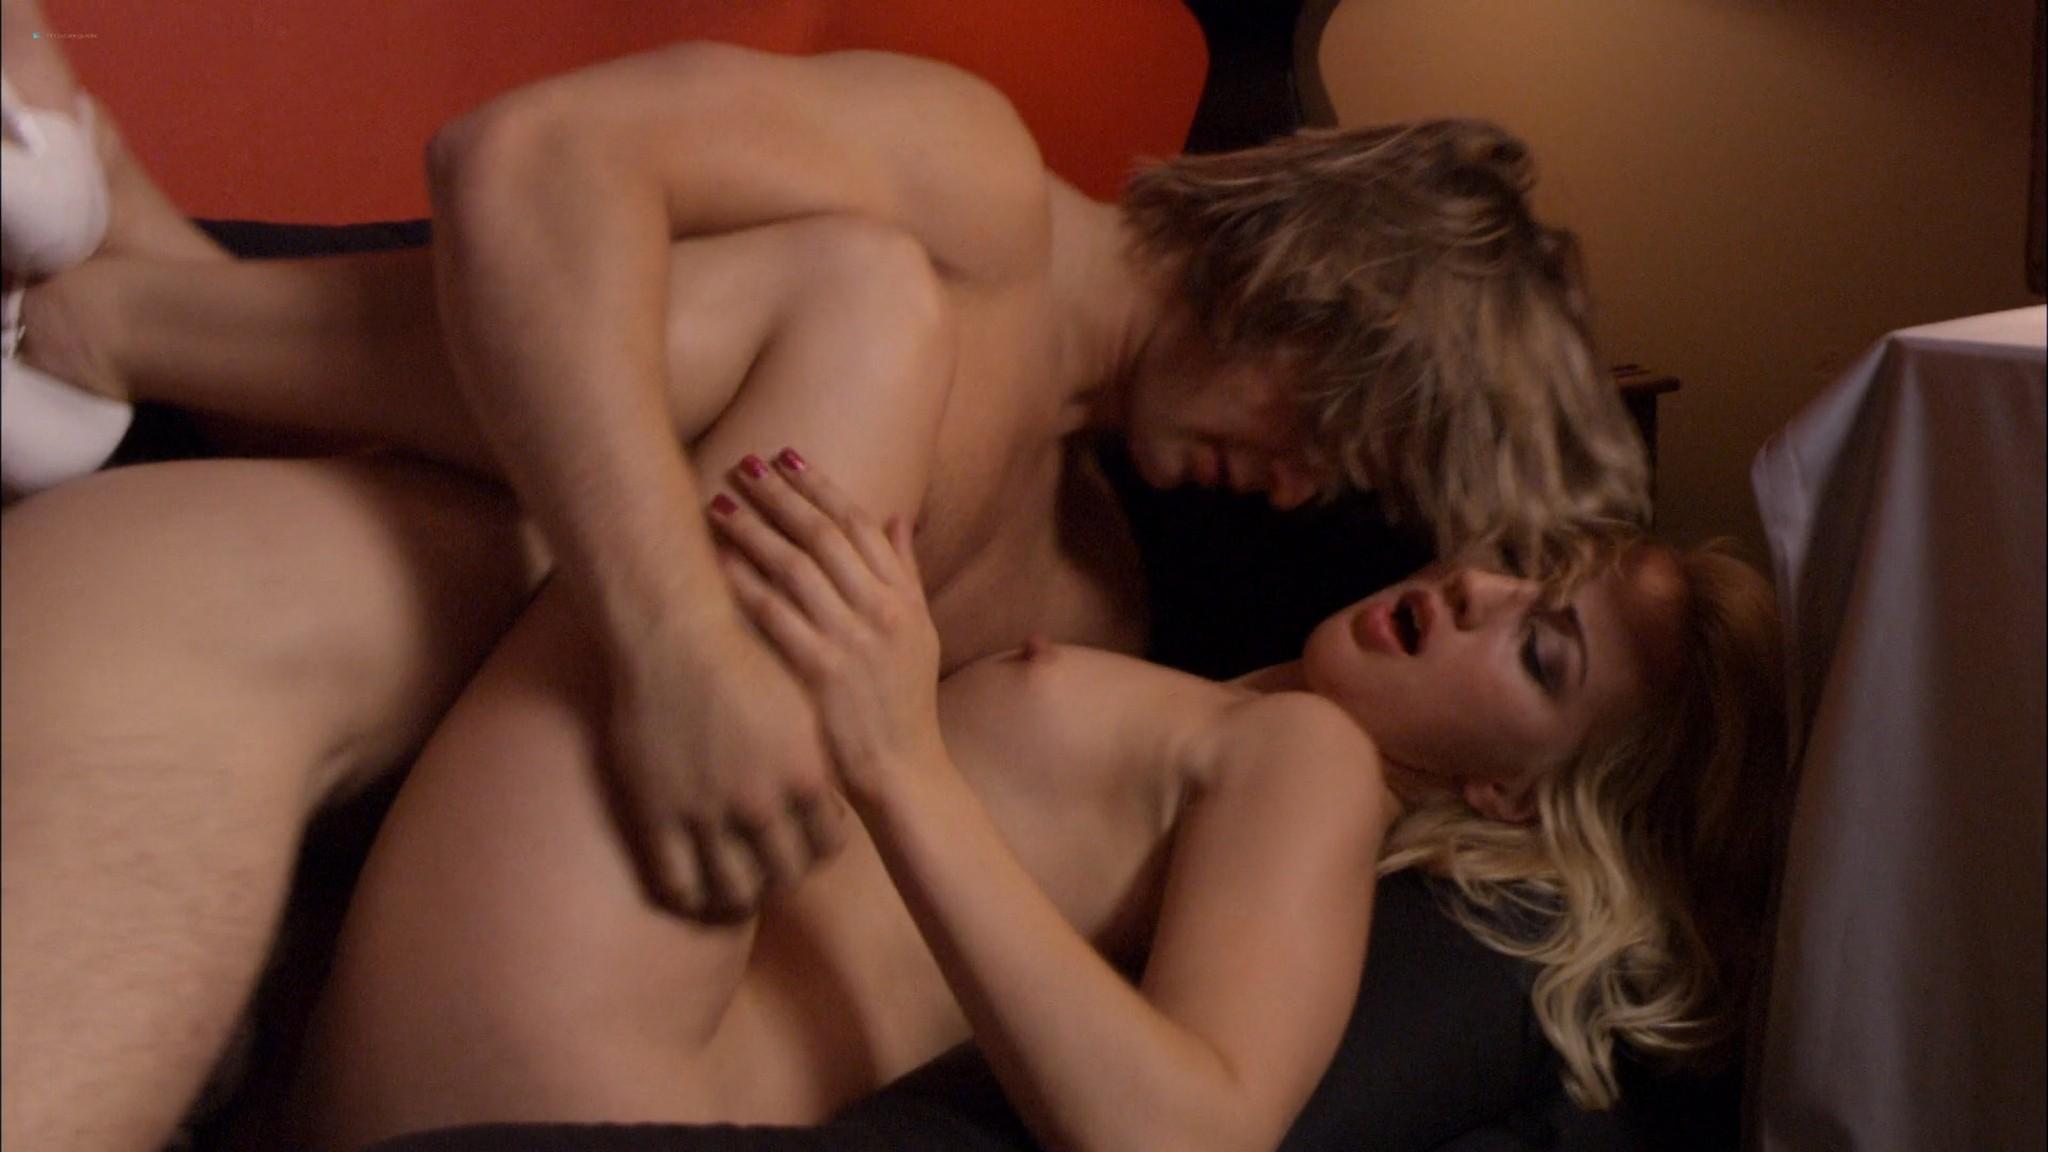 Jennifer Korbin nude hot sex Noelle DuBois Jessica Vandenberg nude sex too Lingerie 2009 s2e13 1080p 2